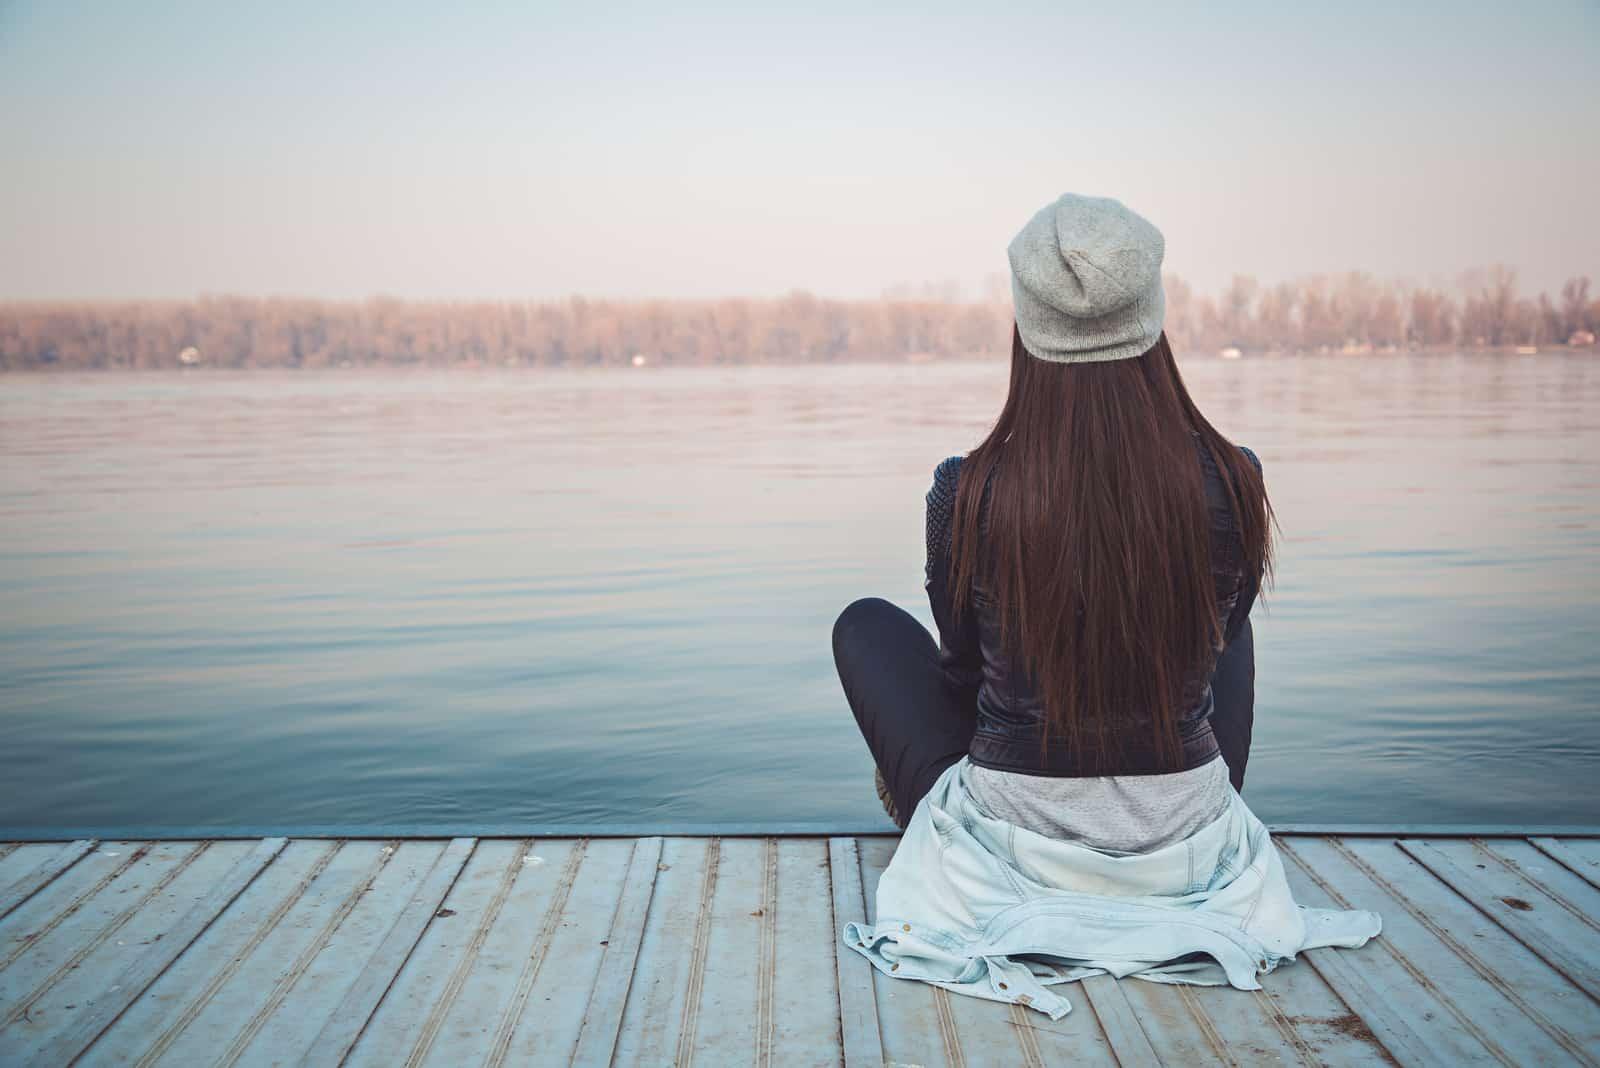 eine Frau mit langen schwarzen Haaren sitzt auf einem Pier